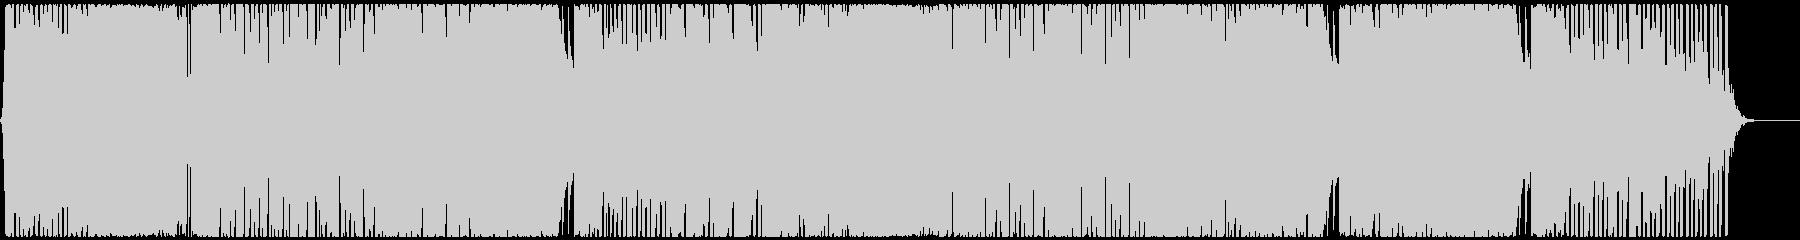 ダンサブルなEDMハウス CM・映像の未再生の波形